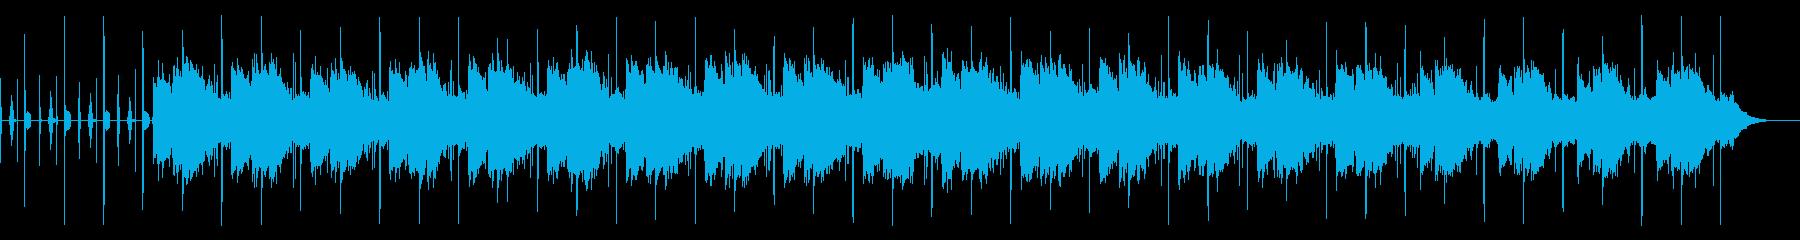 穏やかに時間が流れるようなジングルの再生済みの波形